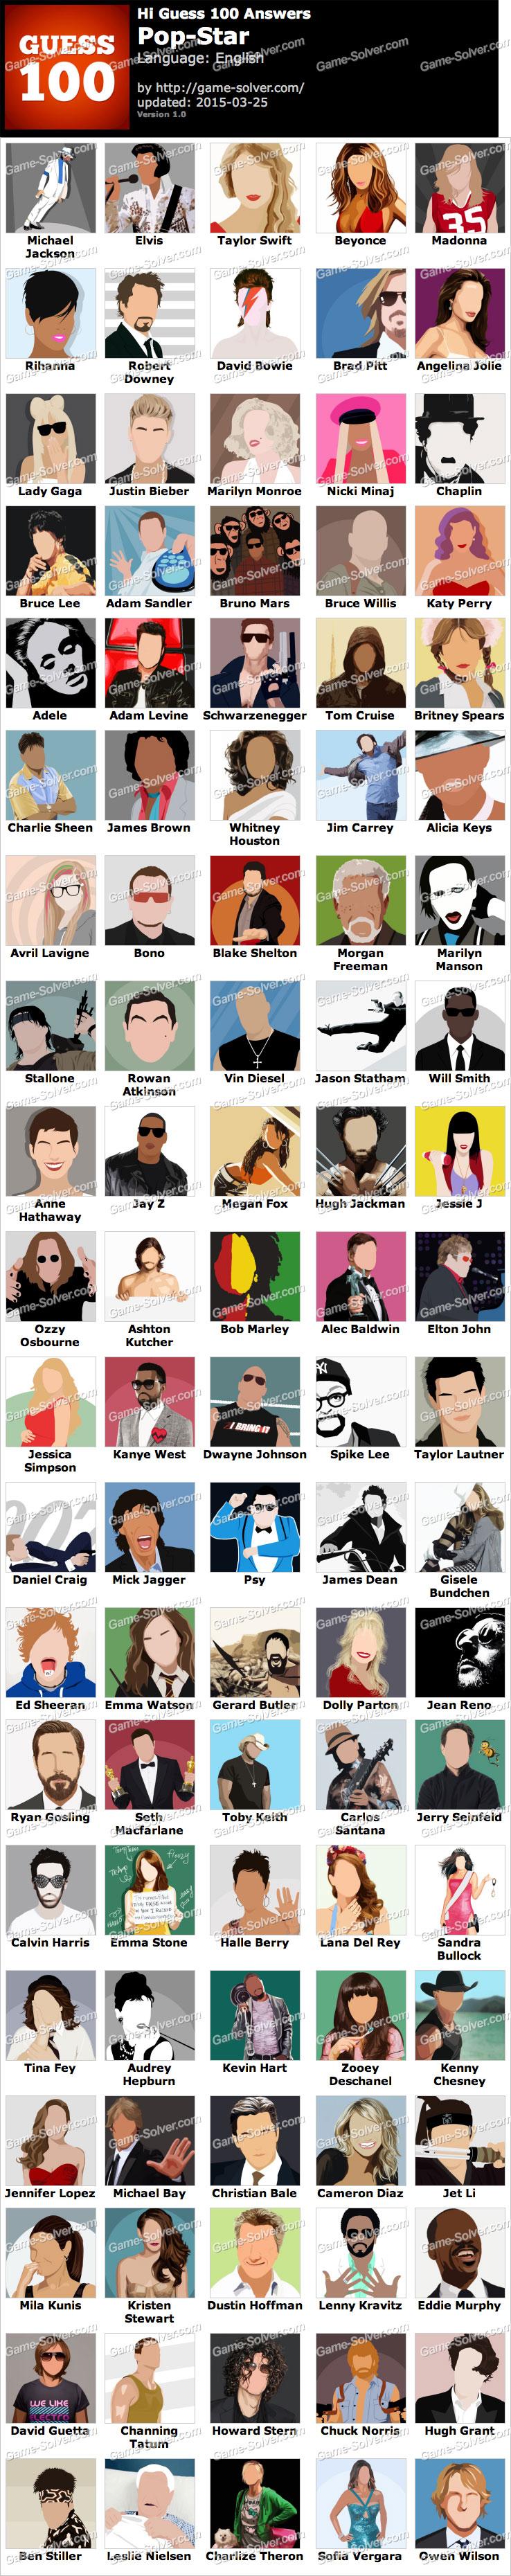 Hi Guess 100 Pop Star